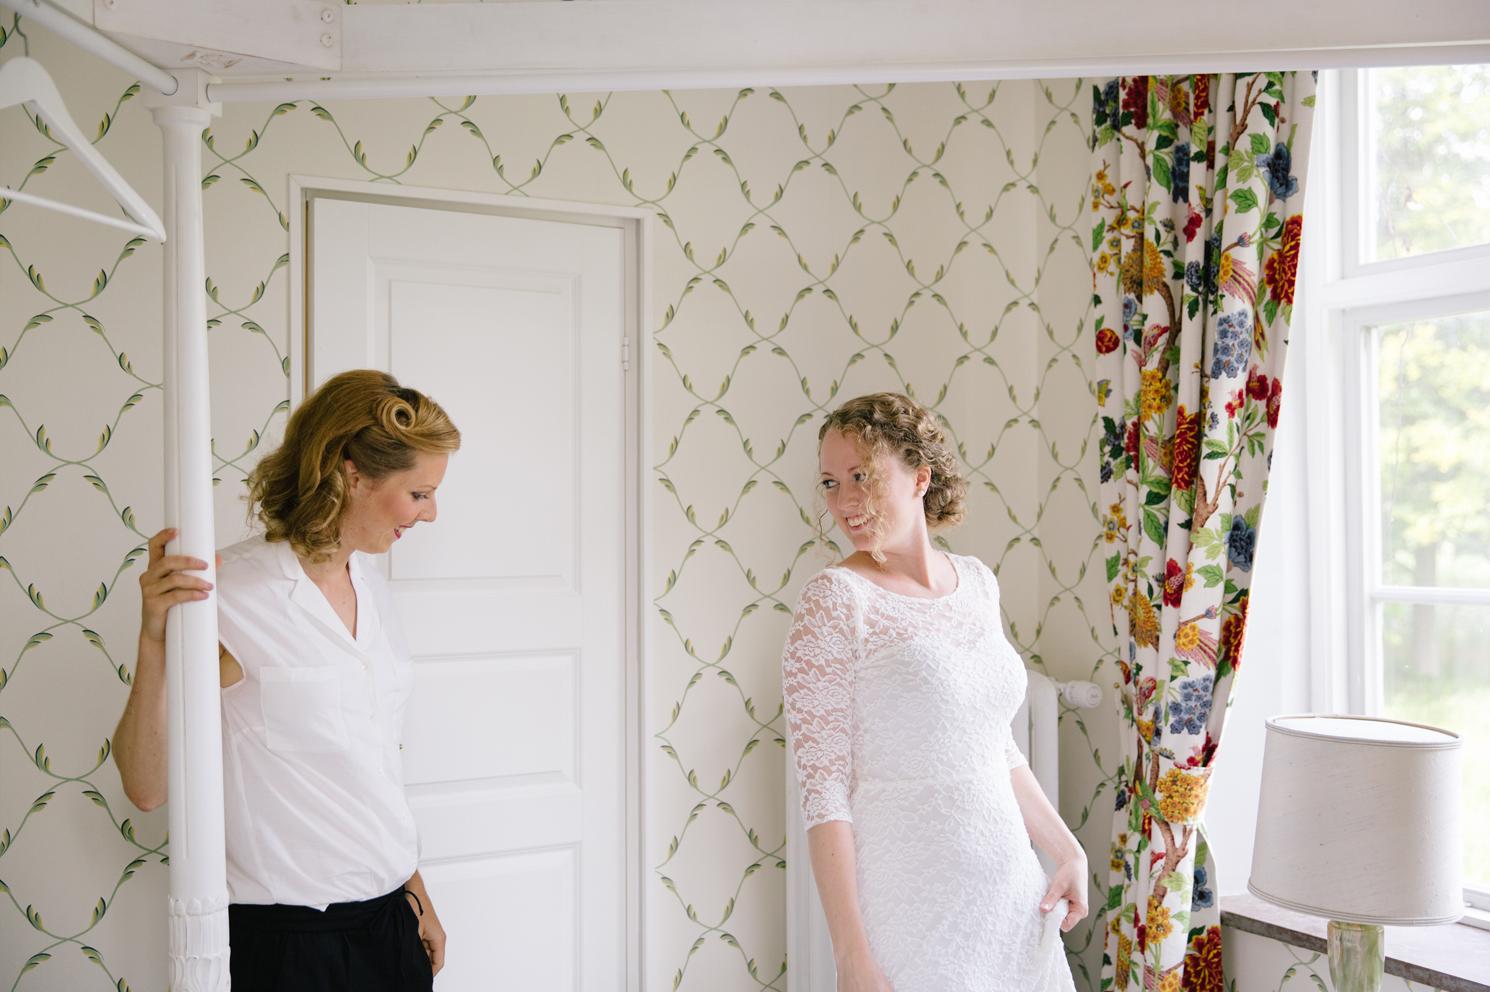 brollopsfotografering-ortofta-slott-maria-o-photo-forberedelser-brudklanning-8